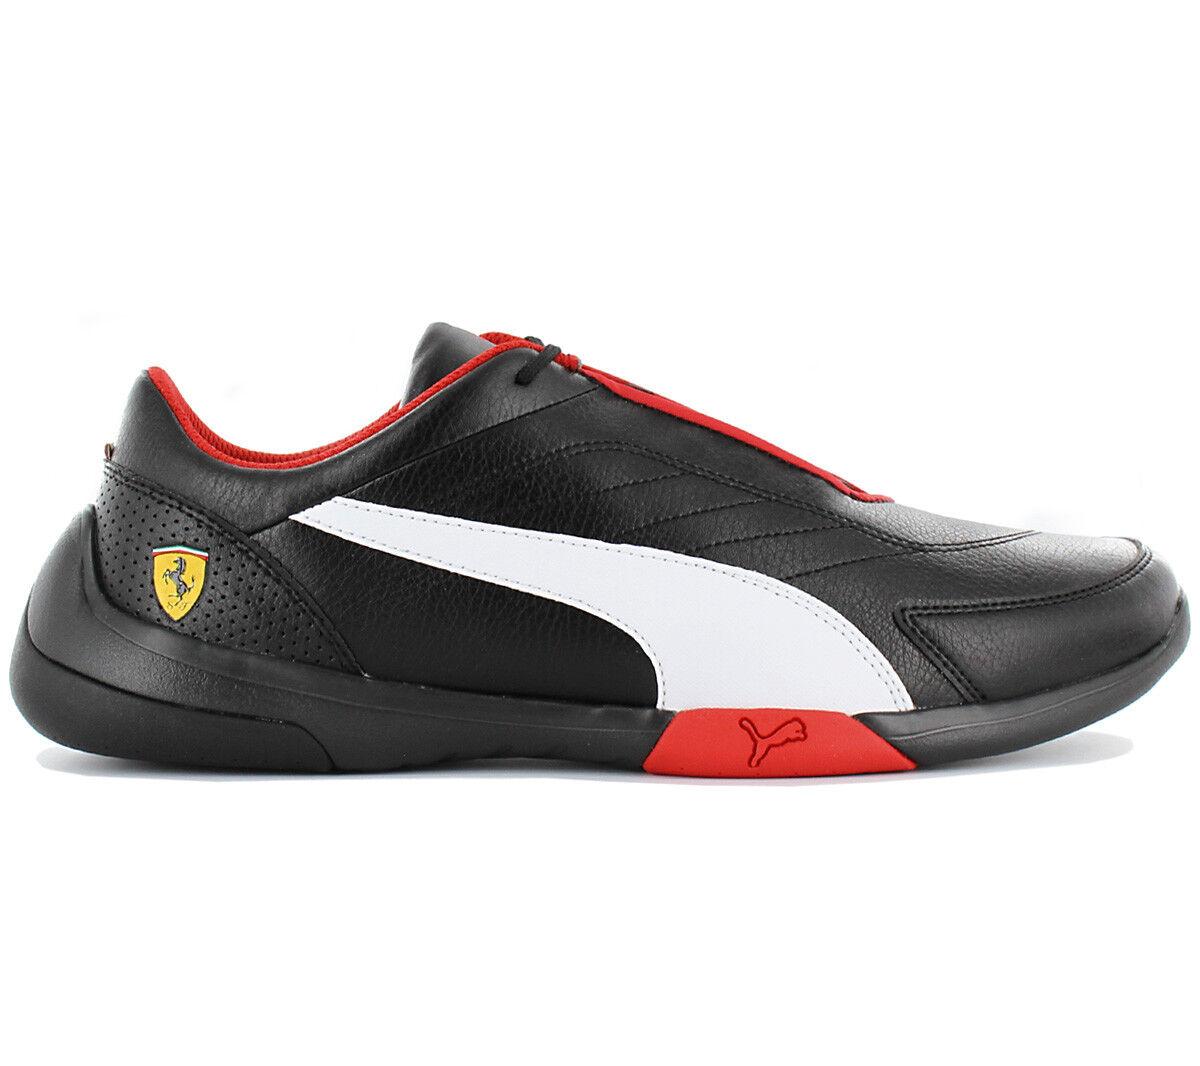 Puma Ferrari Sf Kart Cat 3 Men's Sneakers Motorsport shoes Sneakers 306219-02